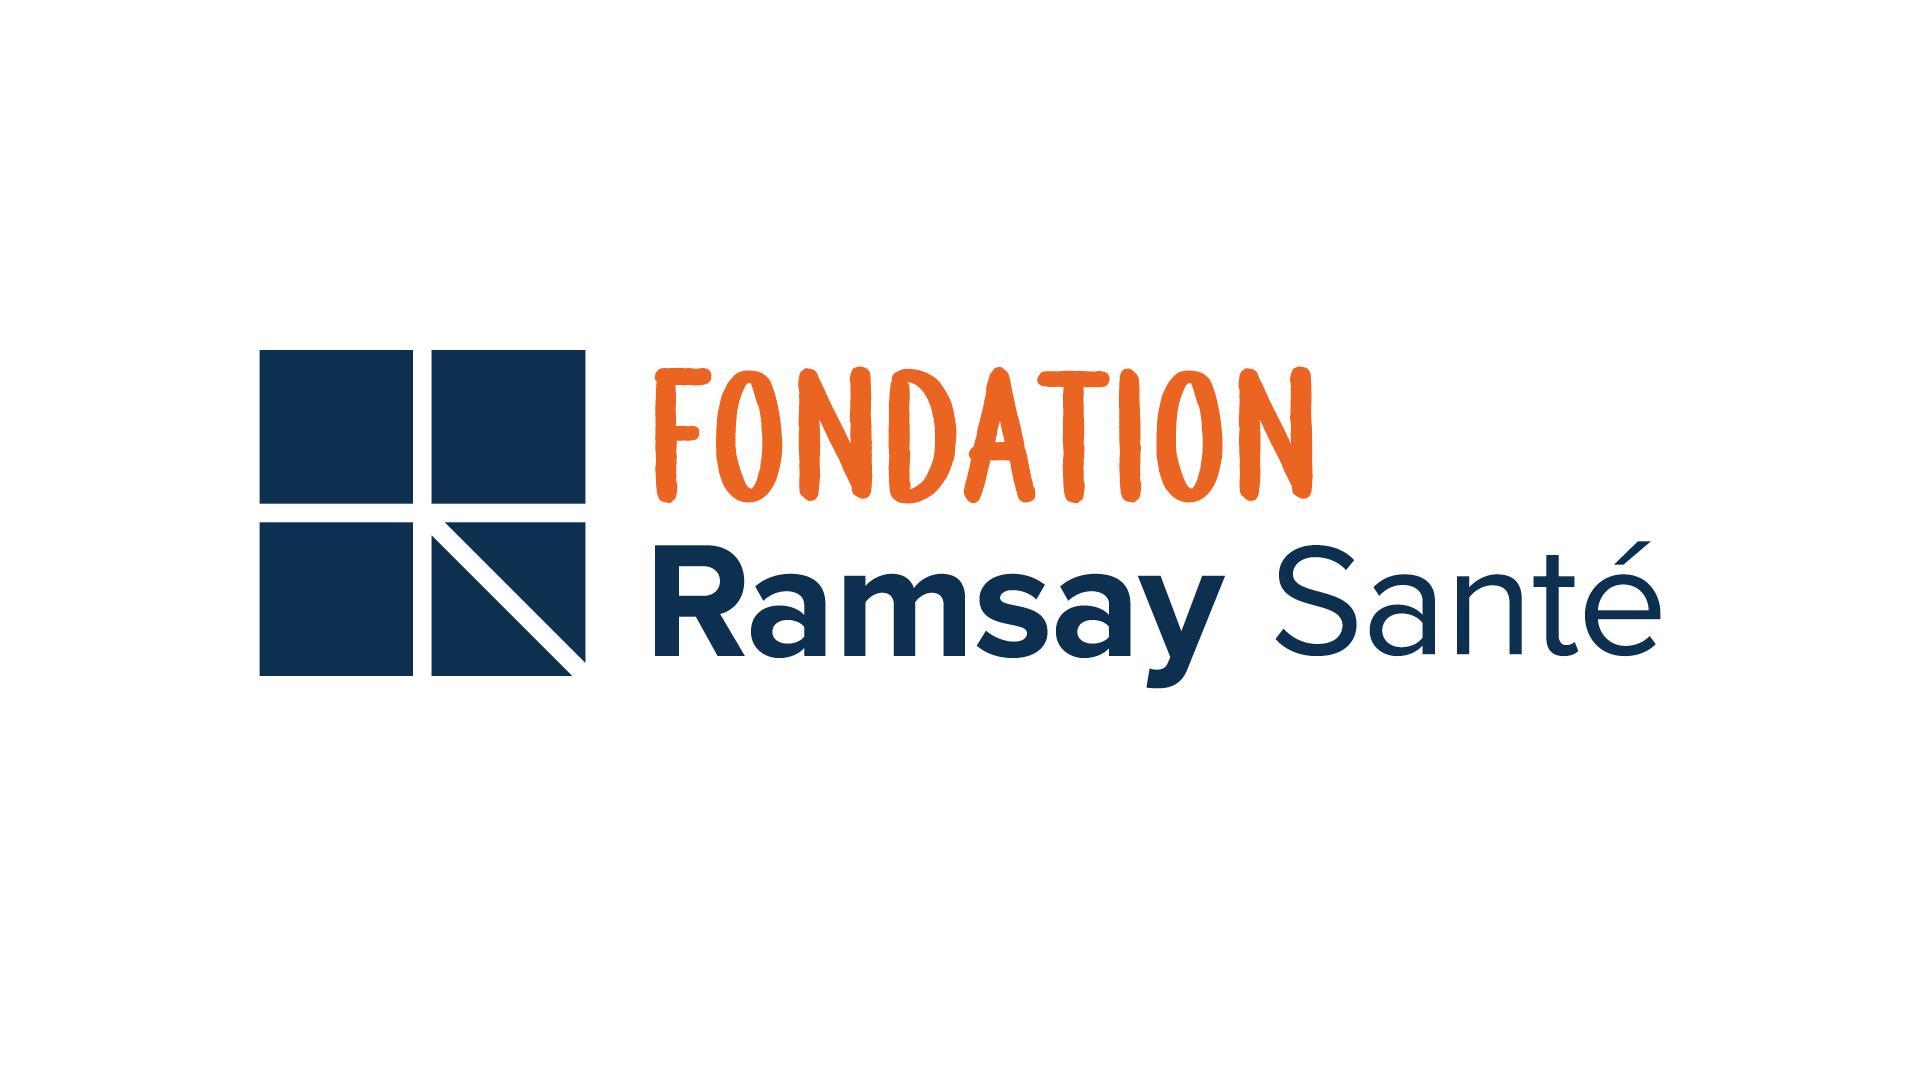 Ramsey Santé